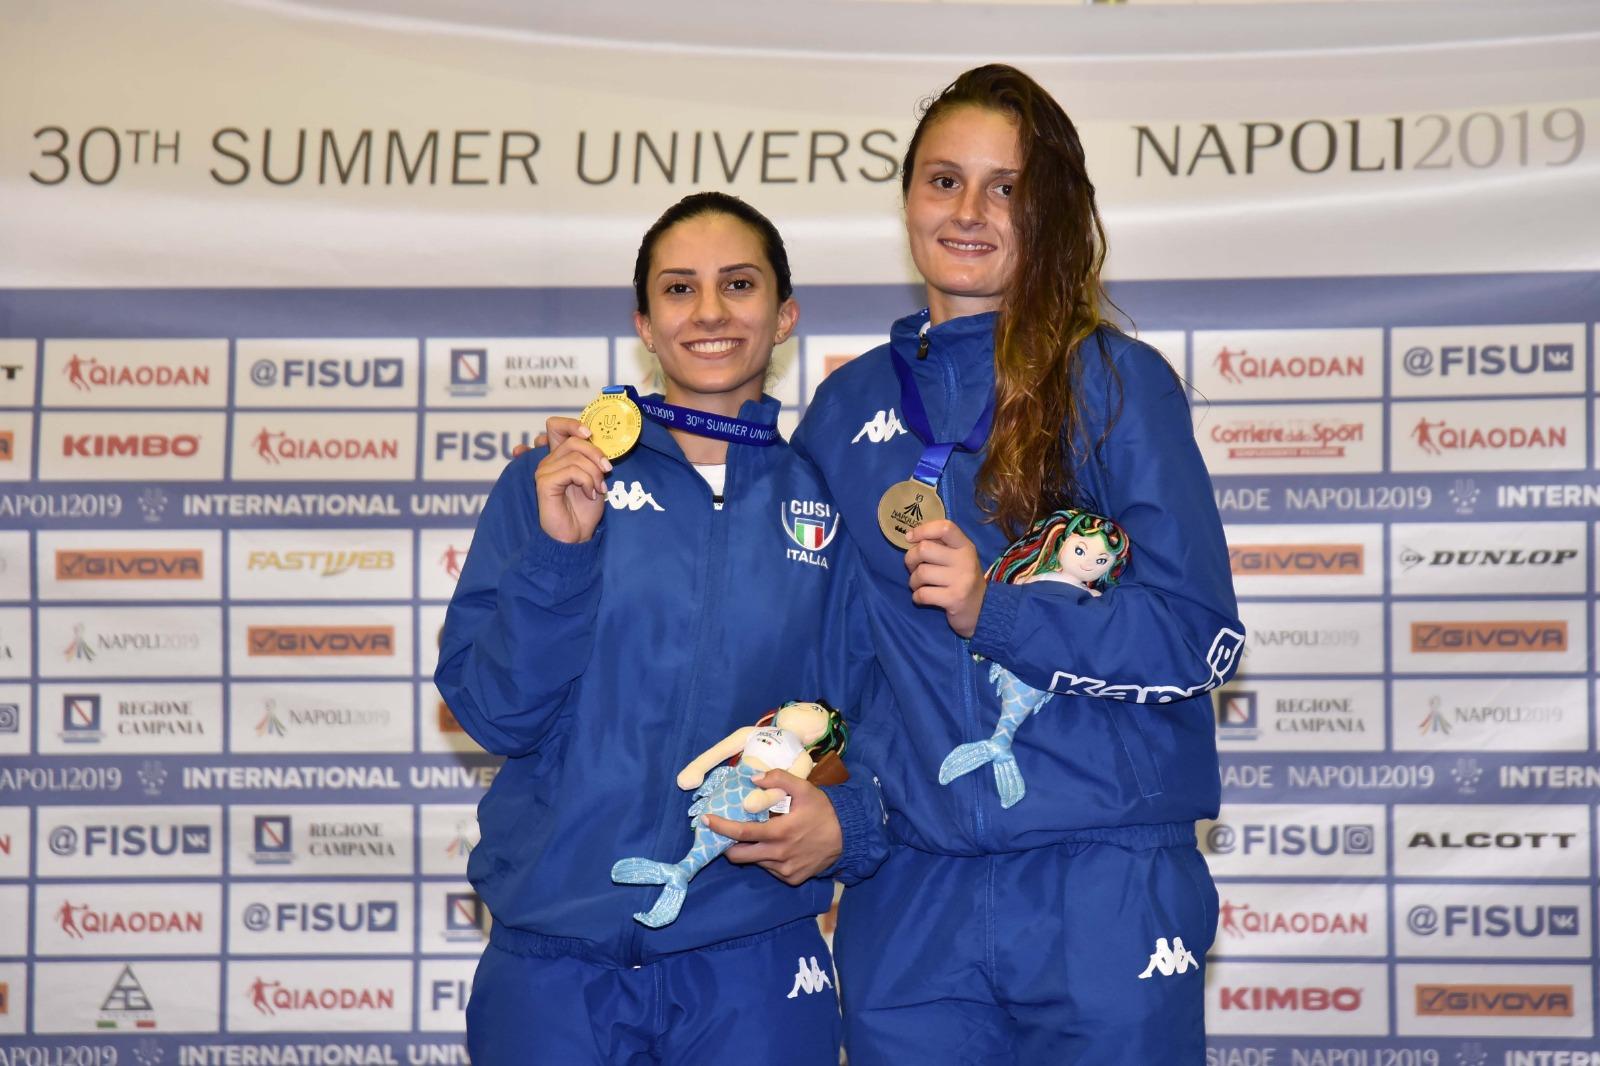 dc20809db6a9 Universiadi Napoli 2019: per l'Italia un successo, è sesta nel medagliere  con 44 medaglie (15 ori, 13 argenti e 16 bronzi)